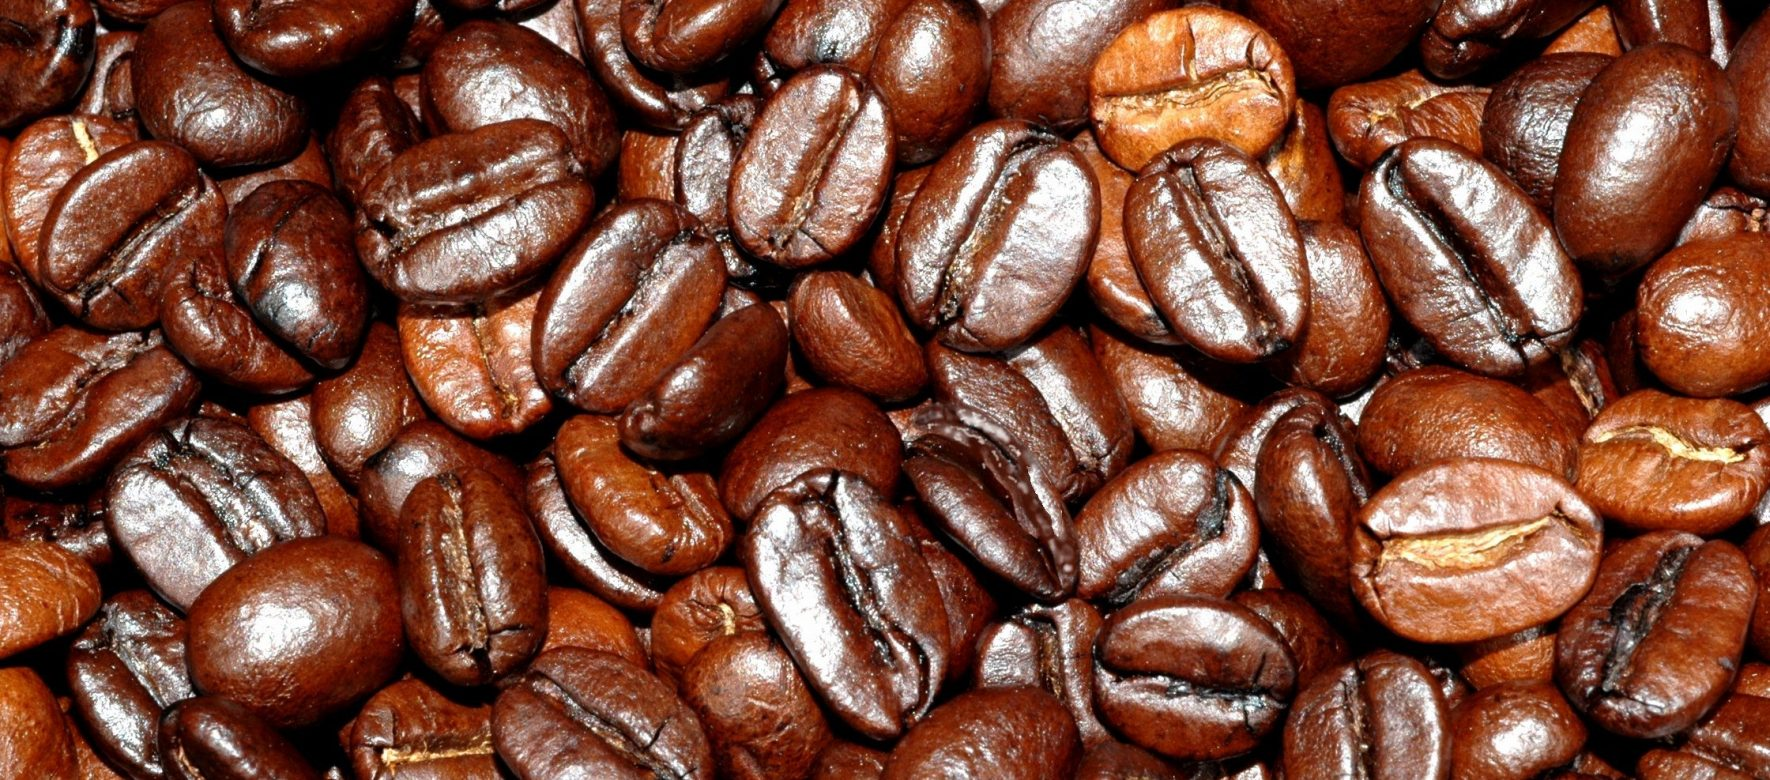 Le groupe égyptien Misr Cafe à la conquête des marchés africains